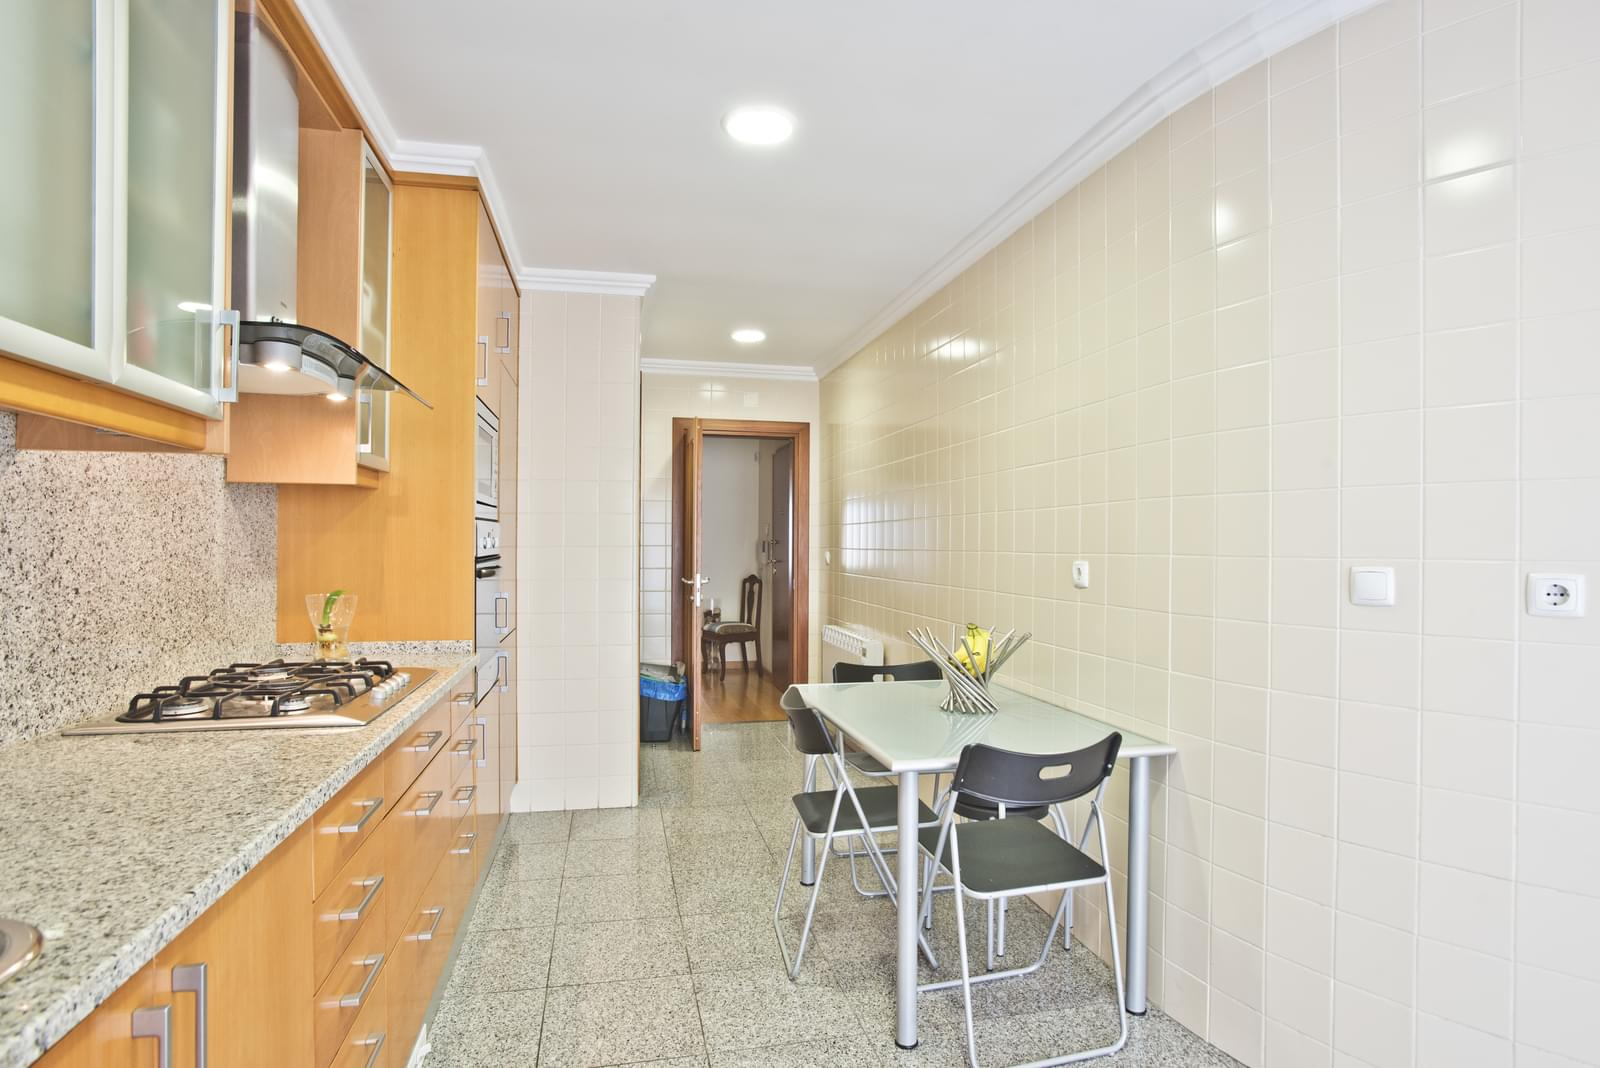 pf17004-apartamento-t3-cascais-6bd33d10-ea23-47a5-aff1-44724fad4587